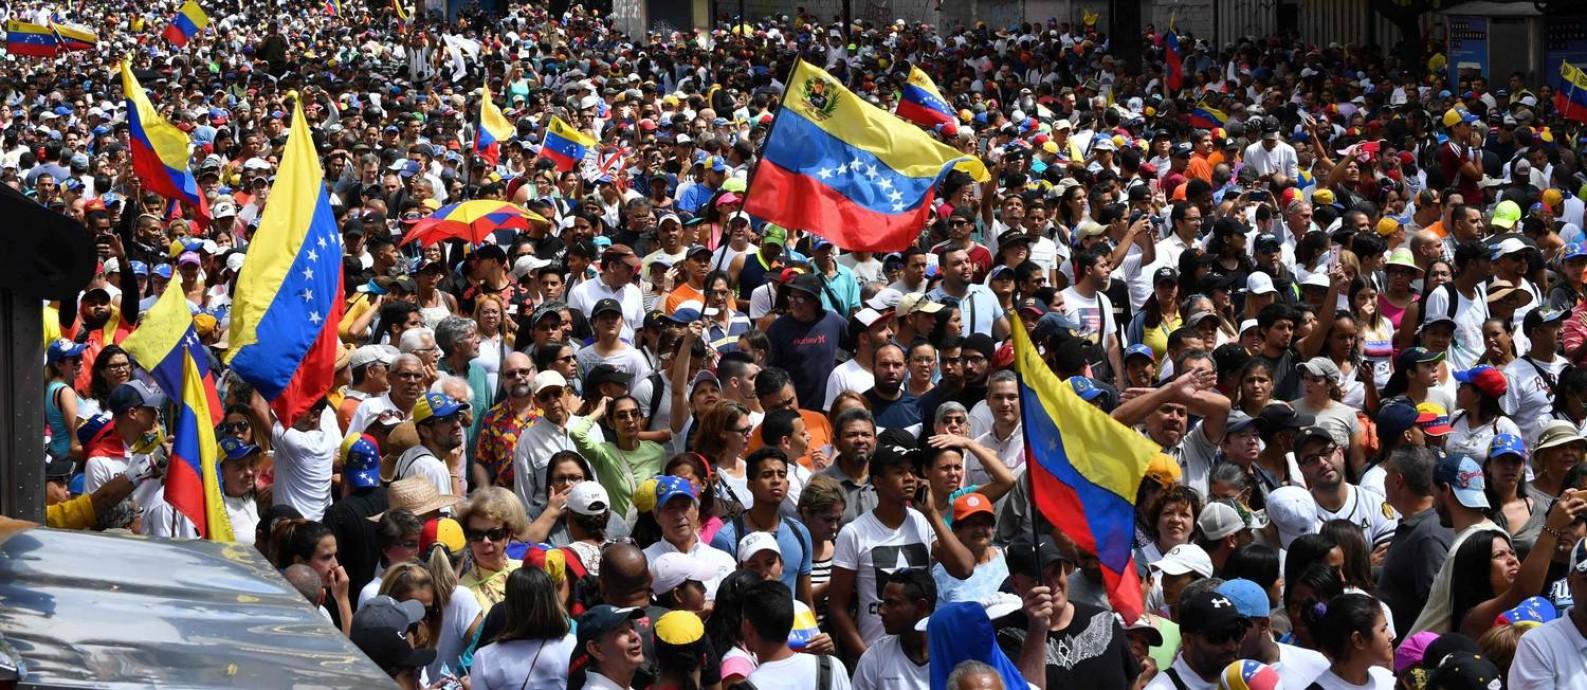 Manifestantes da oposição tomam ruas de Caracas contra Maduro Foto: YURI CORTEZ / AFP